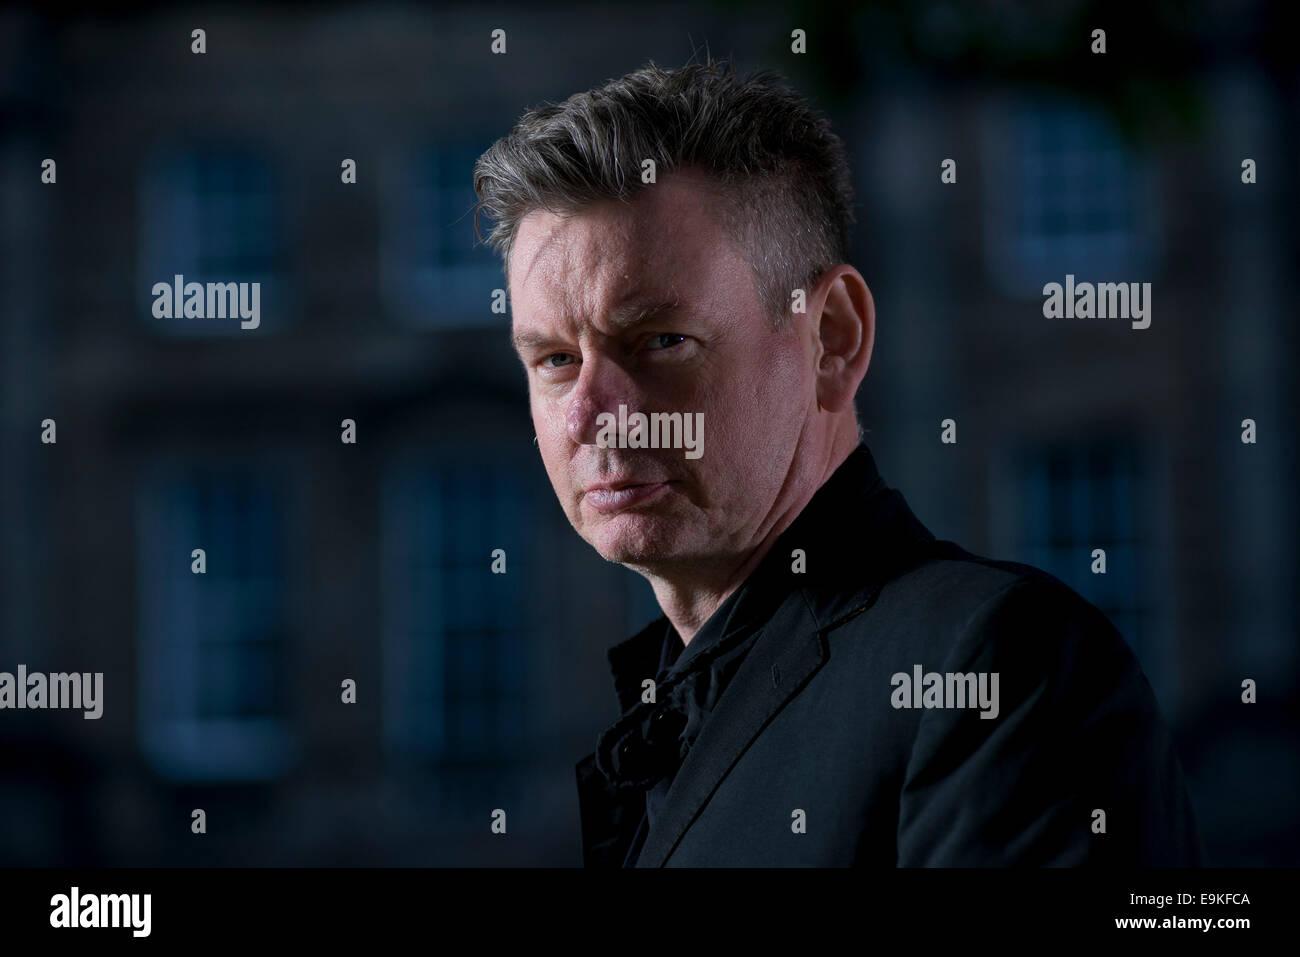 Schottischer Schauspieler John Gordon Sinclair erscheint das Edinburgh International Book Festival. Stockbild